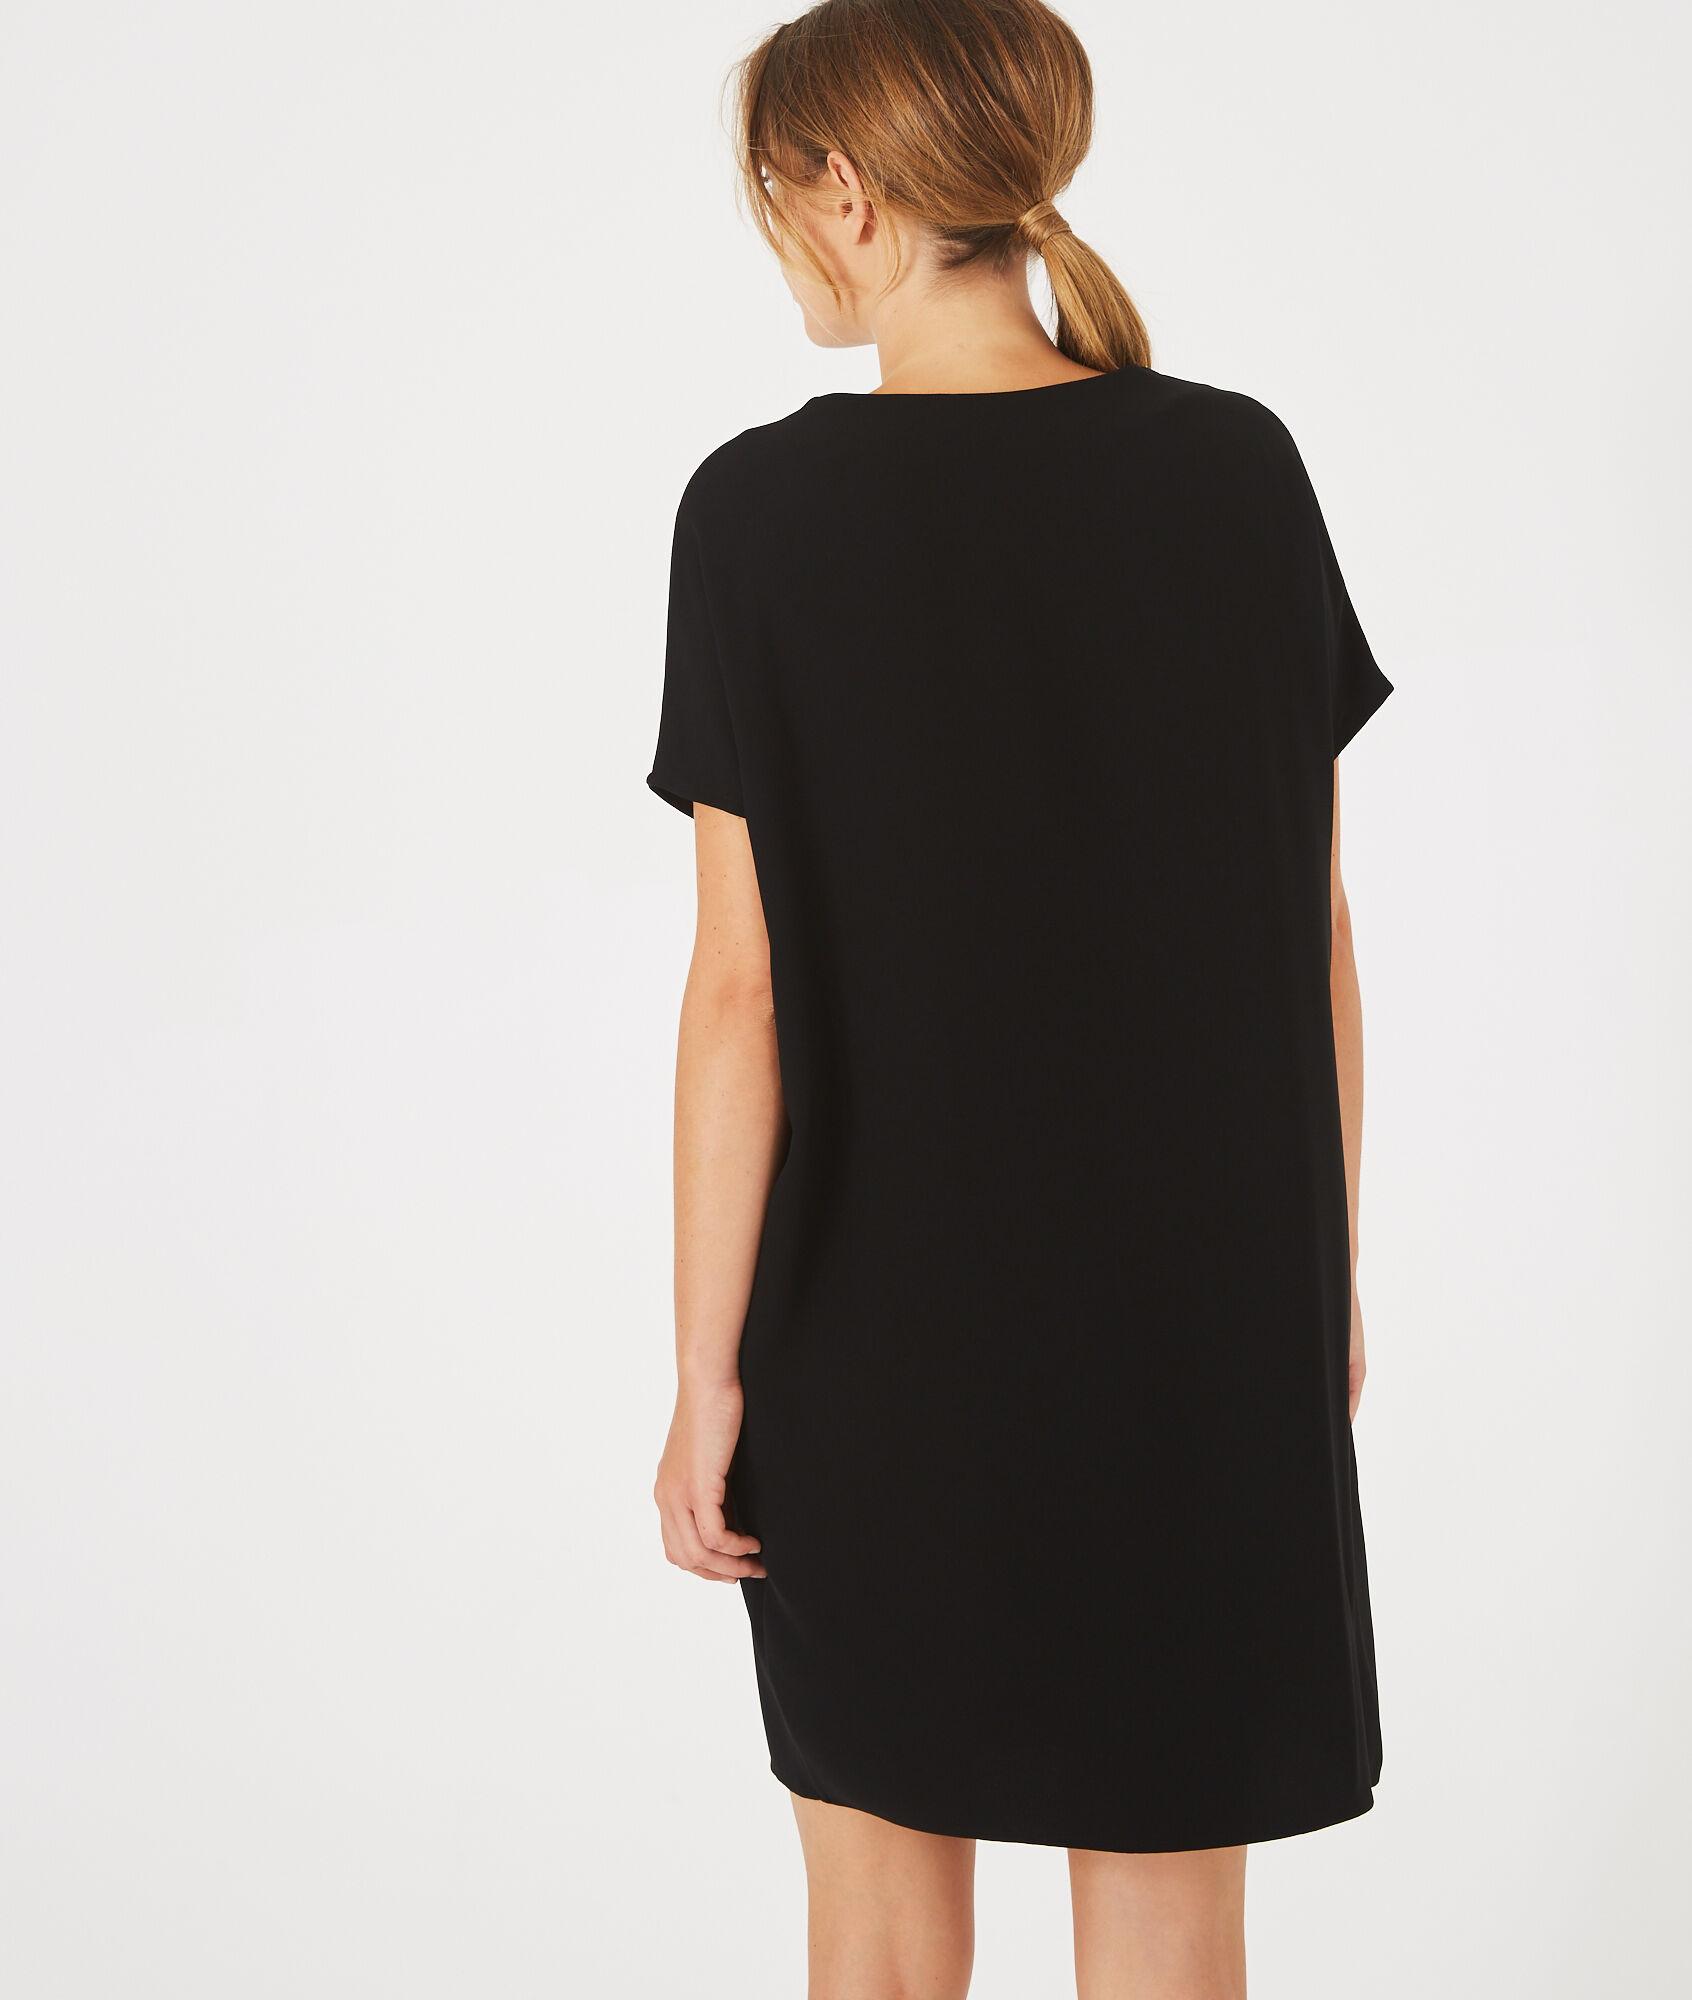 Schwarzes tunika kleid   Trendige Kleider für die Saison 2018